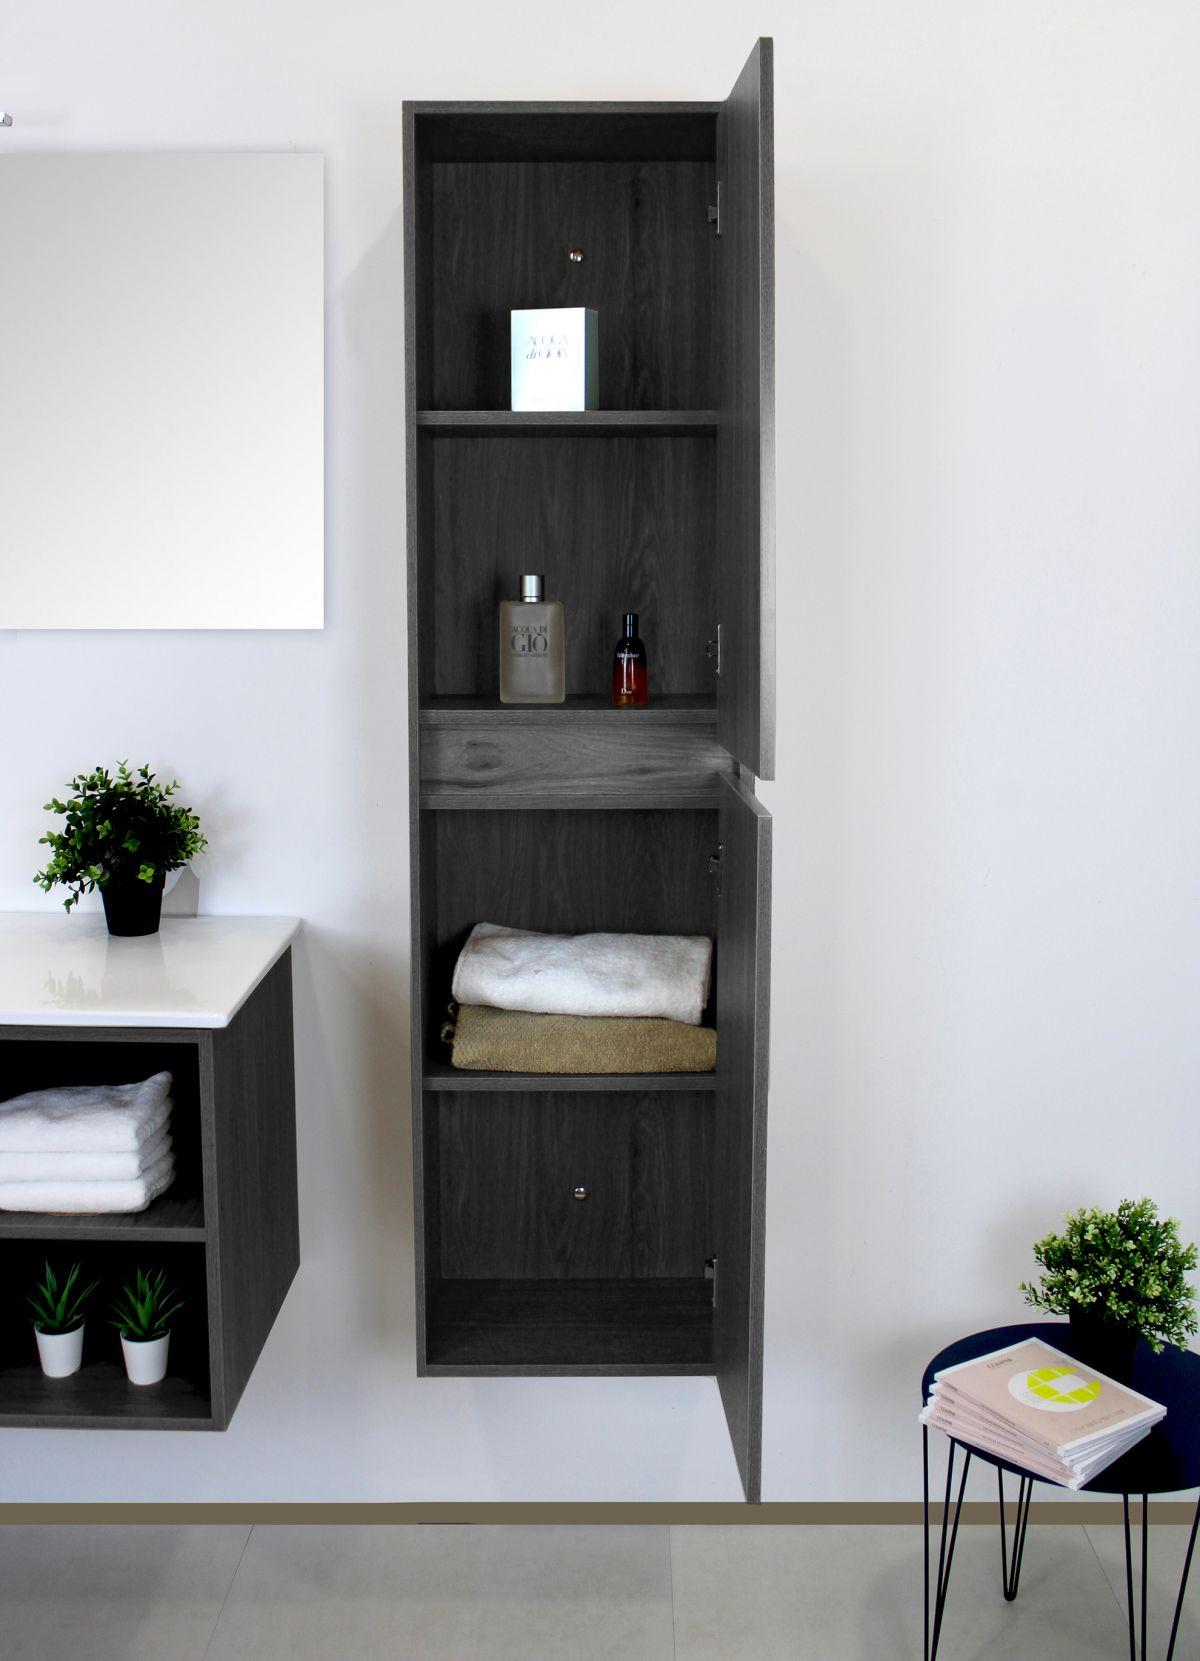 PENSILE LONDRA GRIGIO APERTO scaled Pensile bagno sospeso 40x30x 150h cm con 2 anta color grigio effetto legno